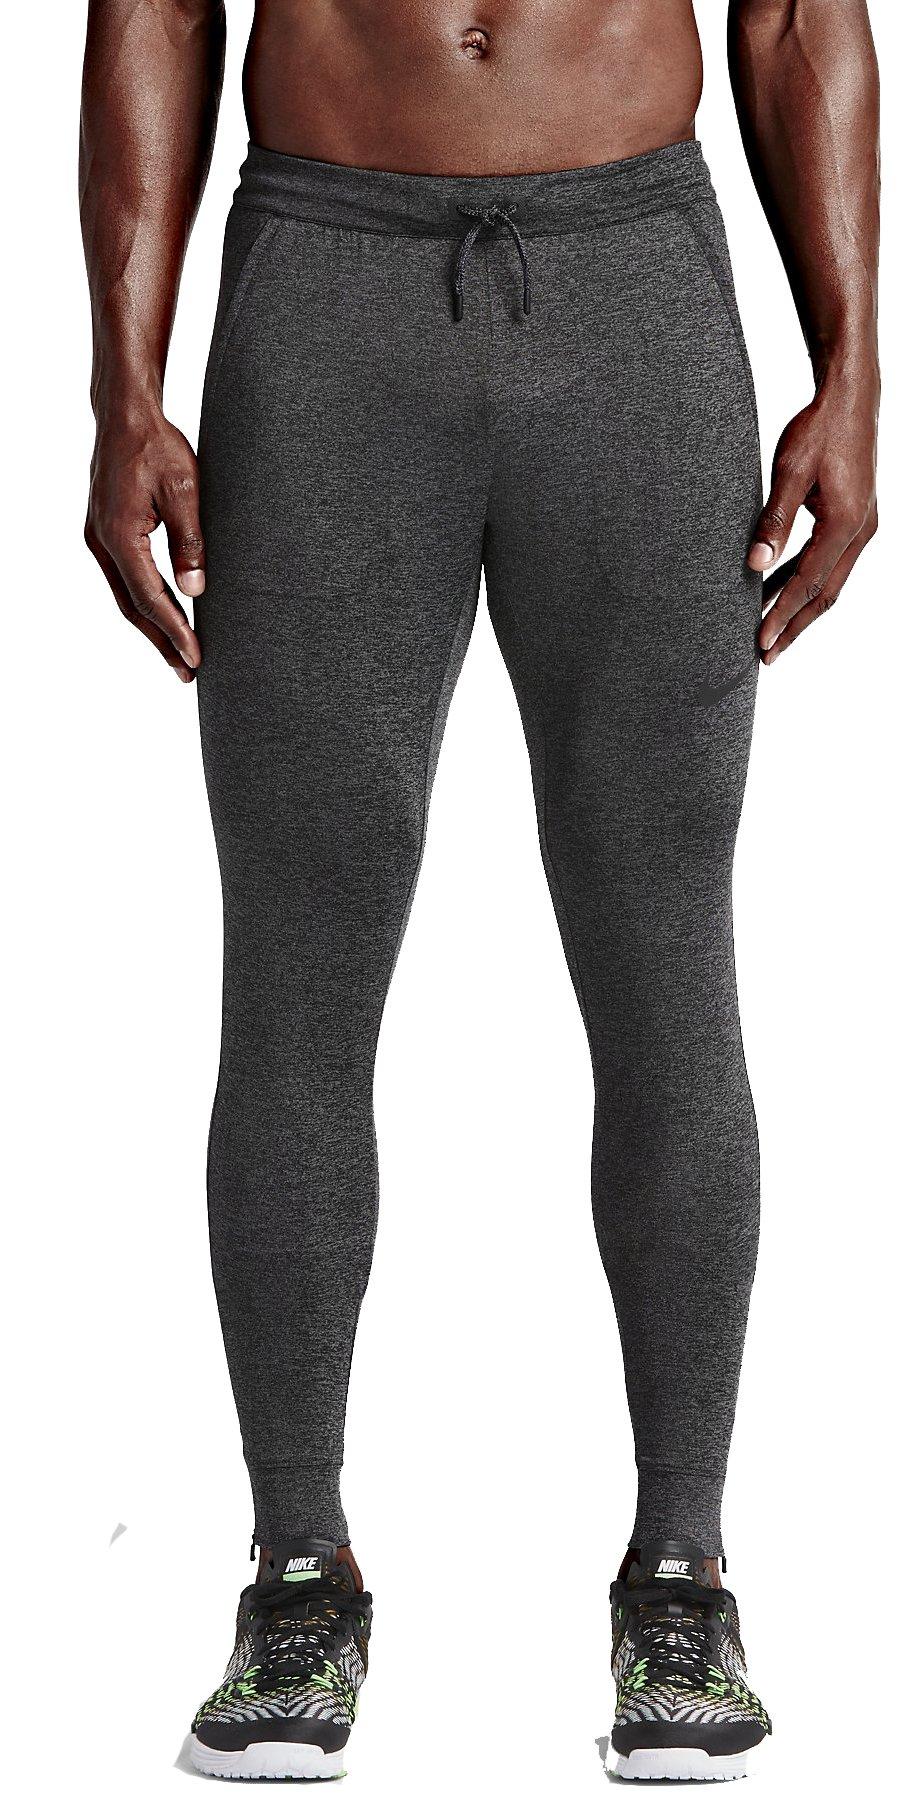 Kalhoty Nike Ultimate Dry Knit